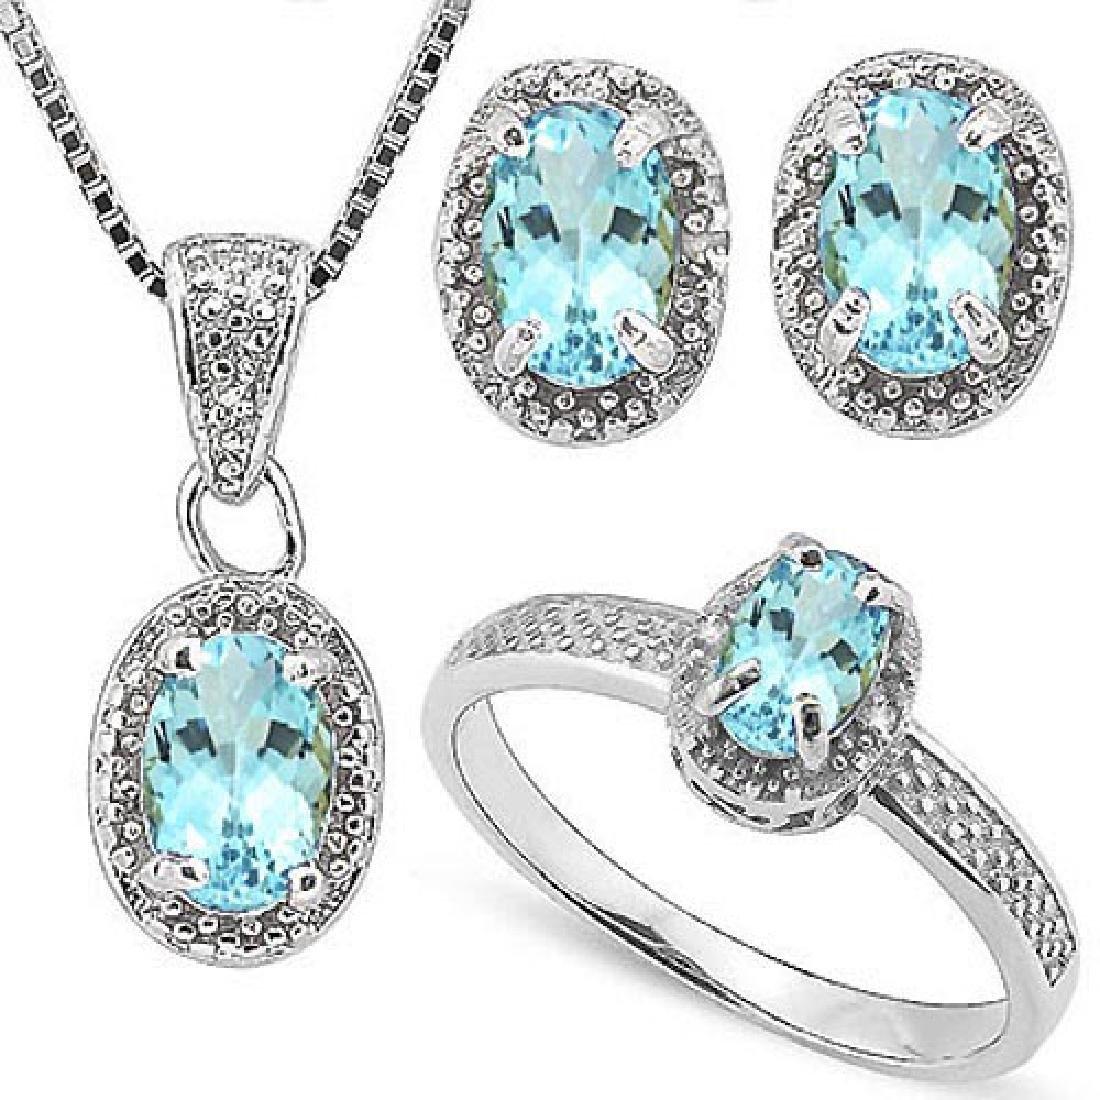 2 2/5 CARAT BABY SWISS BLUE TOPAZS & GENUINE DIAMONDS 9